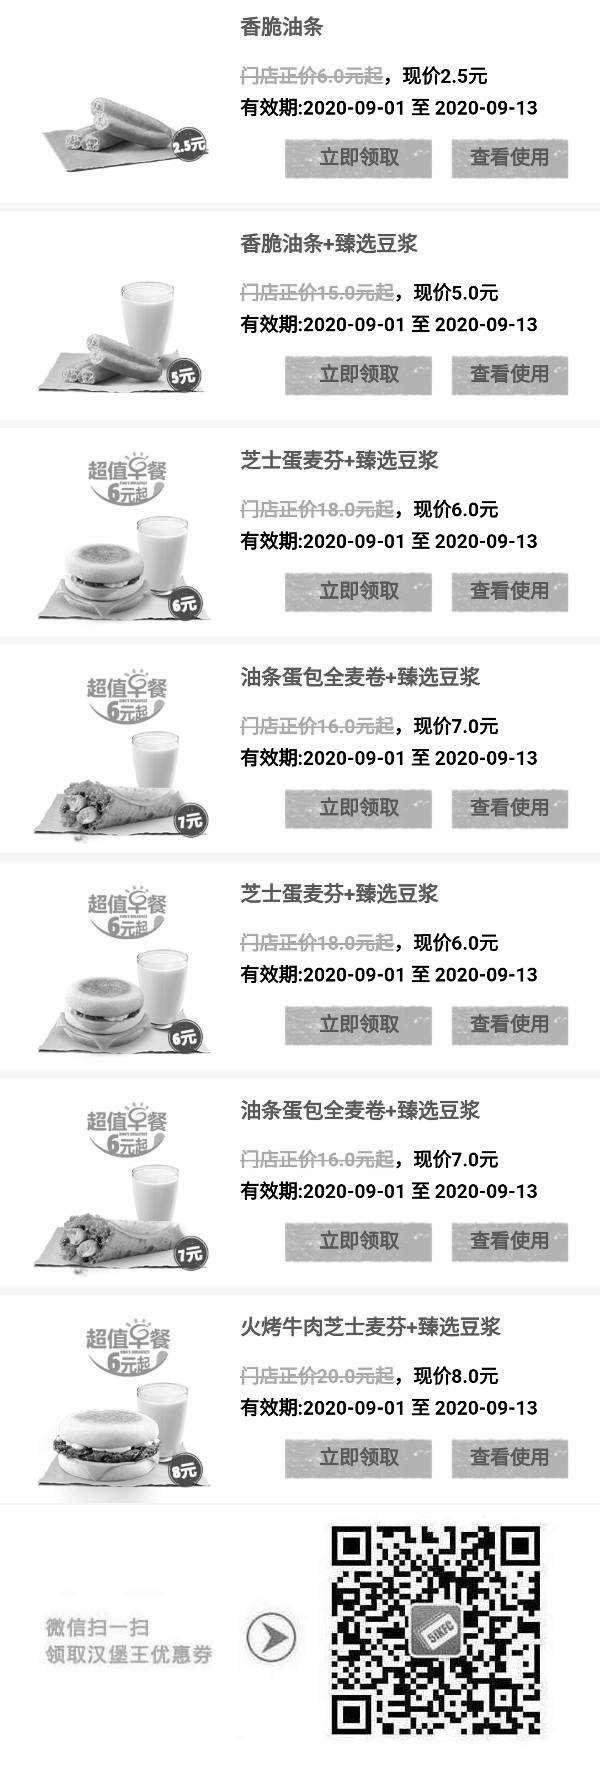 黑白优惠券图片:汉堡王早餐优惠券2020年9月领取,BK早餐优惠价2.5元起 - www.5ikfc.com